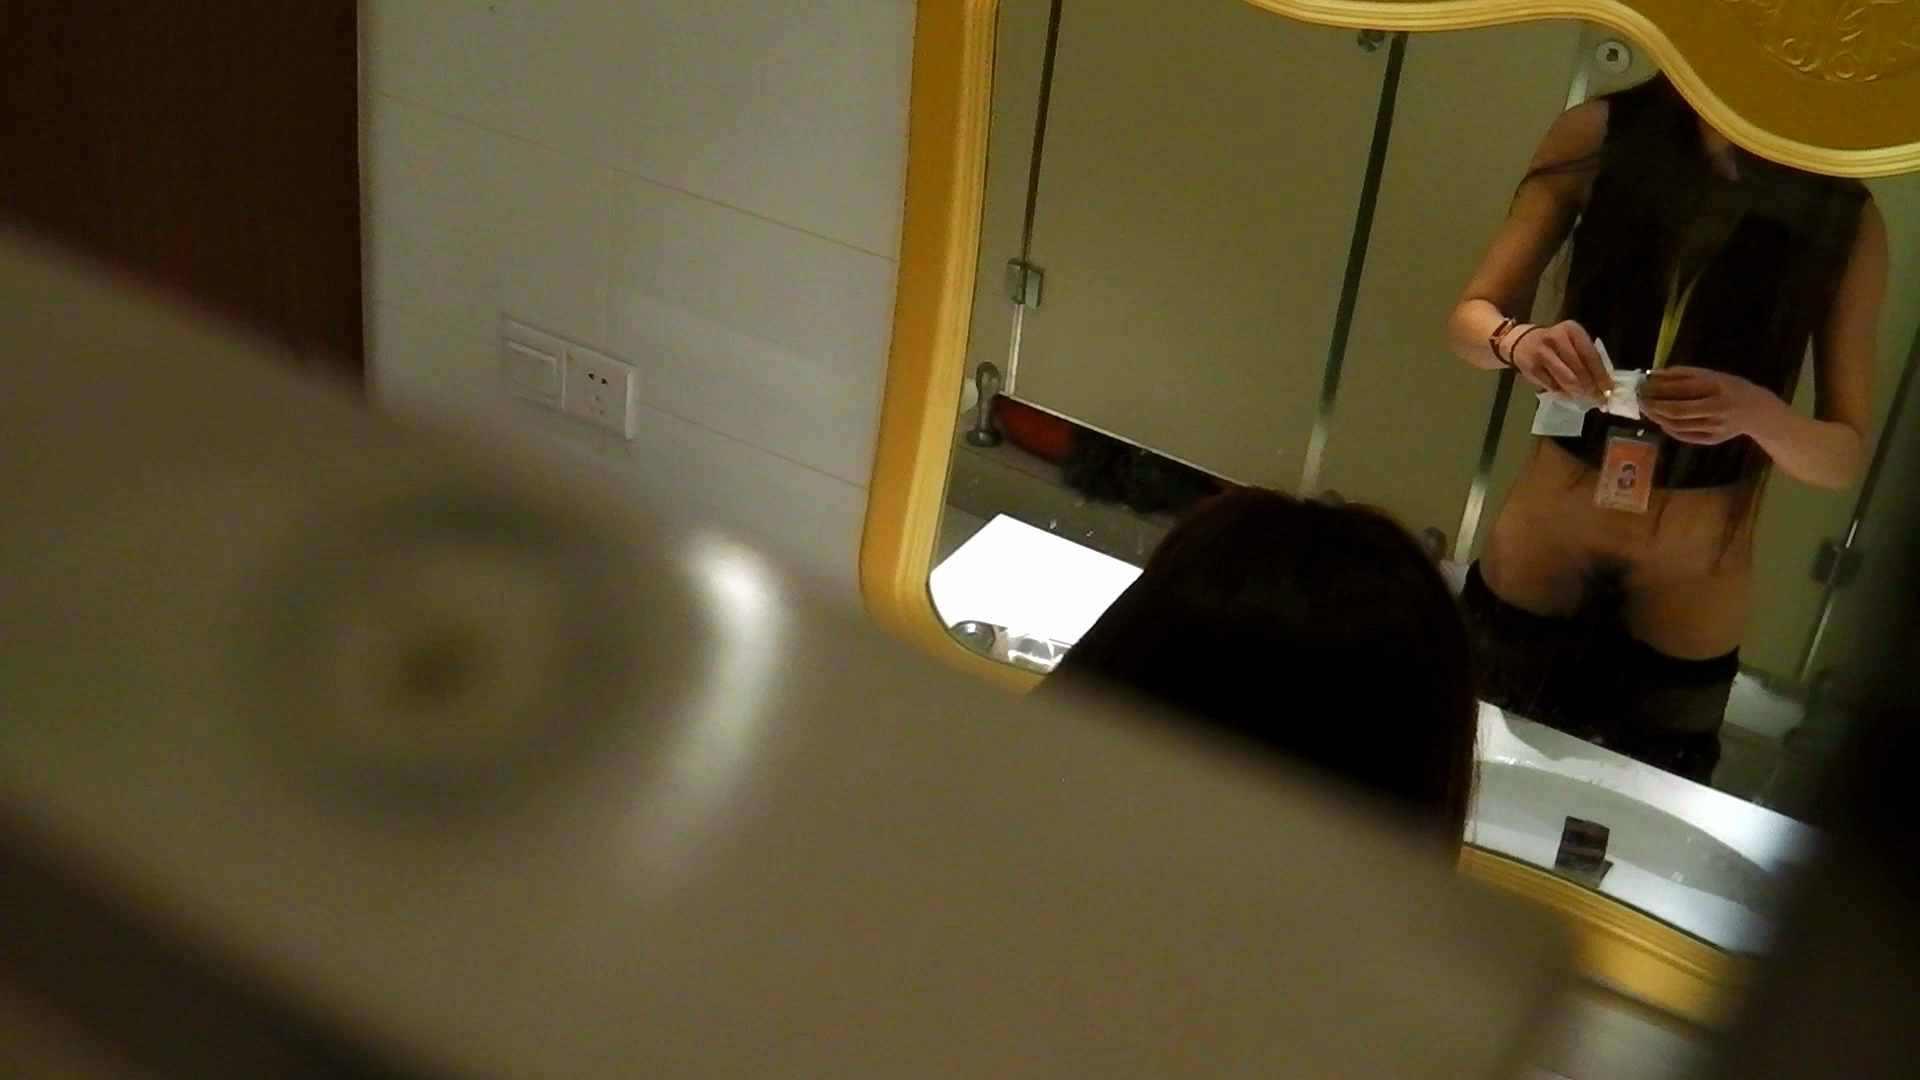 洗寿観音さんの 化粧室は四面楚歌Nol.4 洗面所  104pic 92